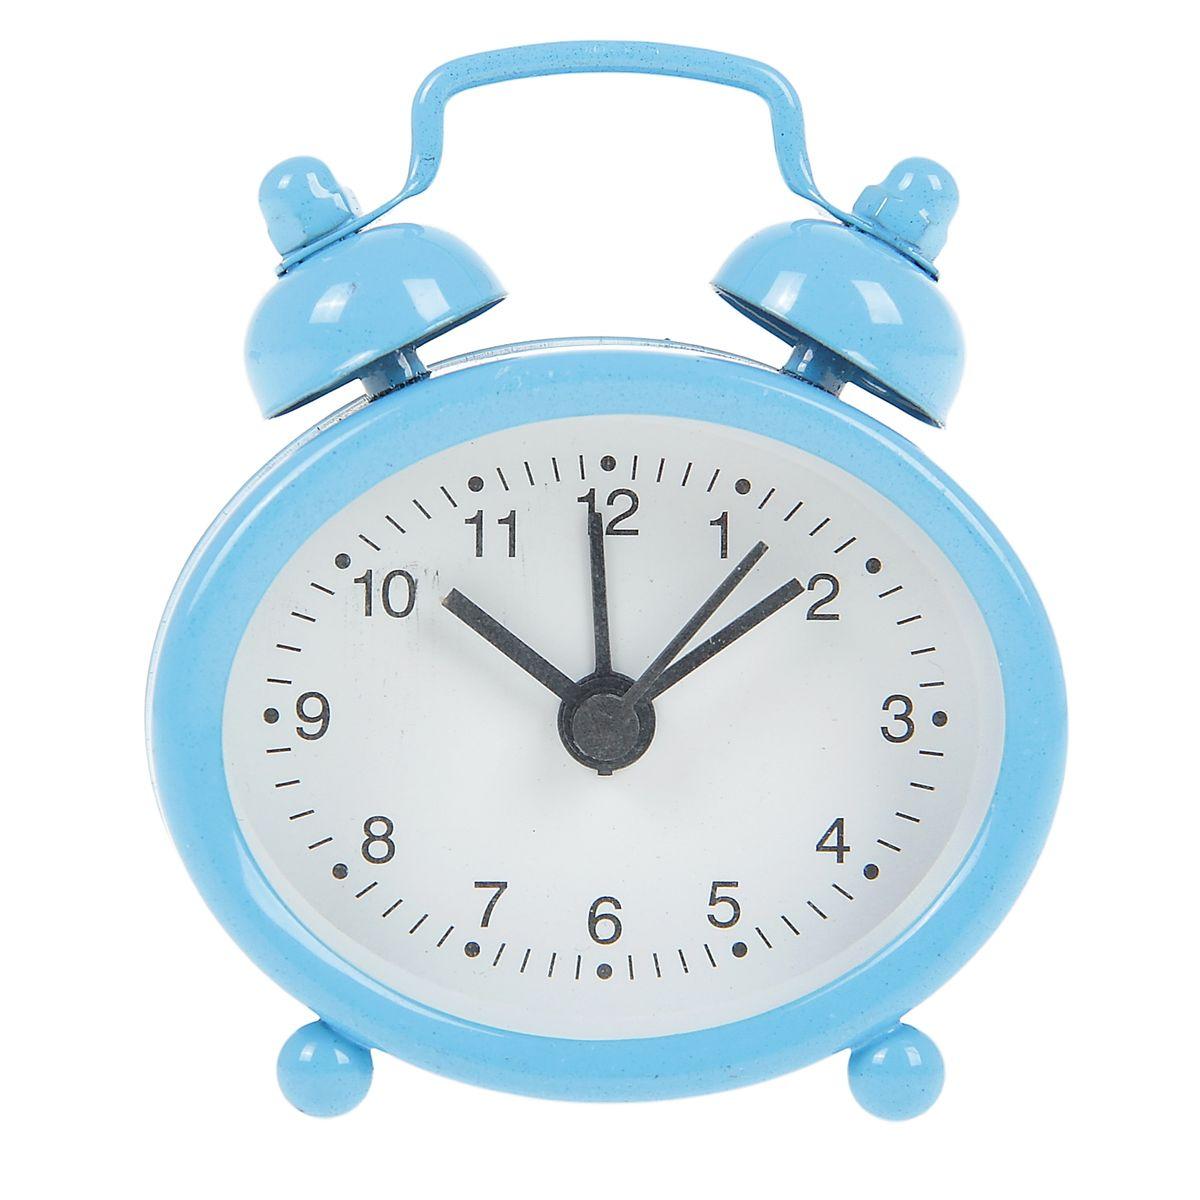 Часы-будильник Sima-land, цвет: голубой. 840947840947Как же сложно иногда вставать вовремя! Всегда так хочется поспать еще хотя бы 5 минут и бывает, что мы просыпаем. Теперь этого не случится! Яркий, оригинальный будильник Sima-land поможет вам всегда вставать в нужное время и успевать везде и всюду. Будильник украсит вашу комнату и приведет в восхищение друзей. Эта уменьшенная версия привычного будильника умещается на ладони и работает так же громко, как и привычные аналоги. Время показывает точно и будит в установленный час.На задней панели будильника расположены переключатель включения/выключения механизма, а также два колесика для настройки текущего времени и времени звонка будильника.Будильник работает от 1 батарейки типа LR44 (входит в комплект).